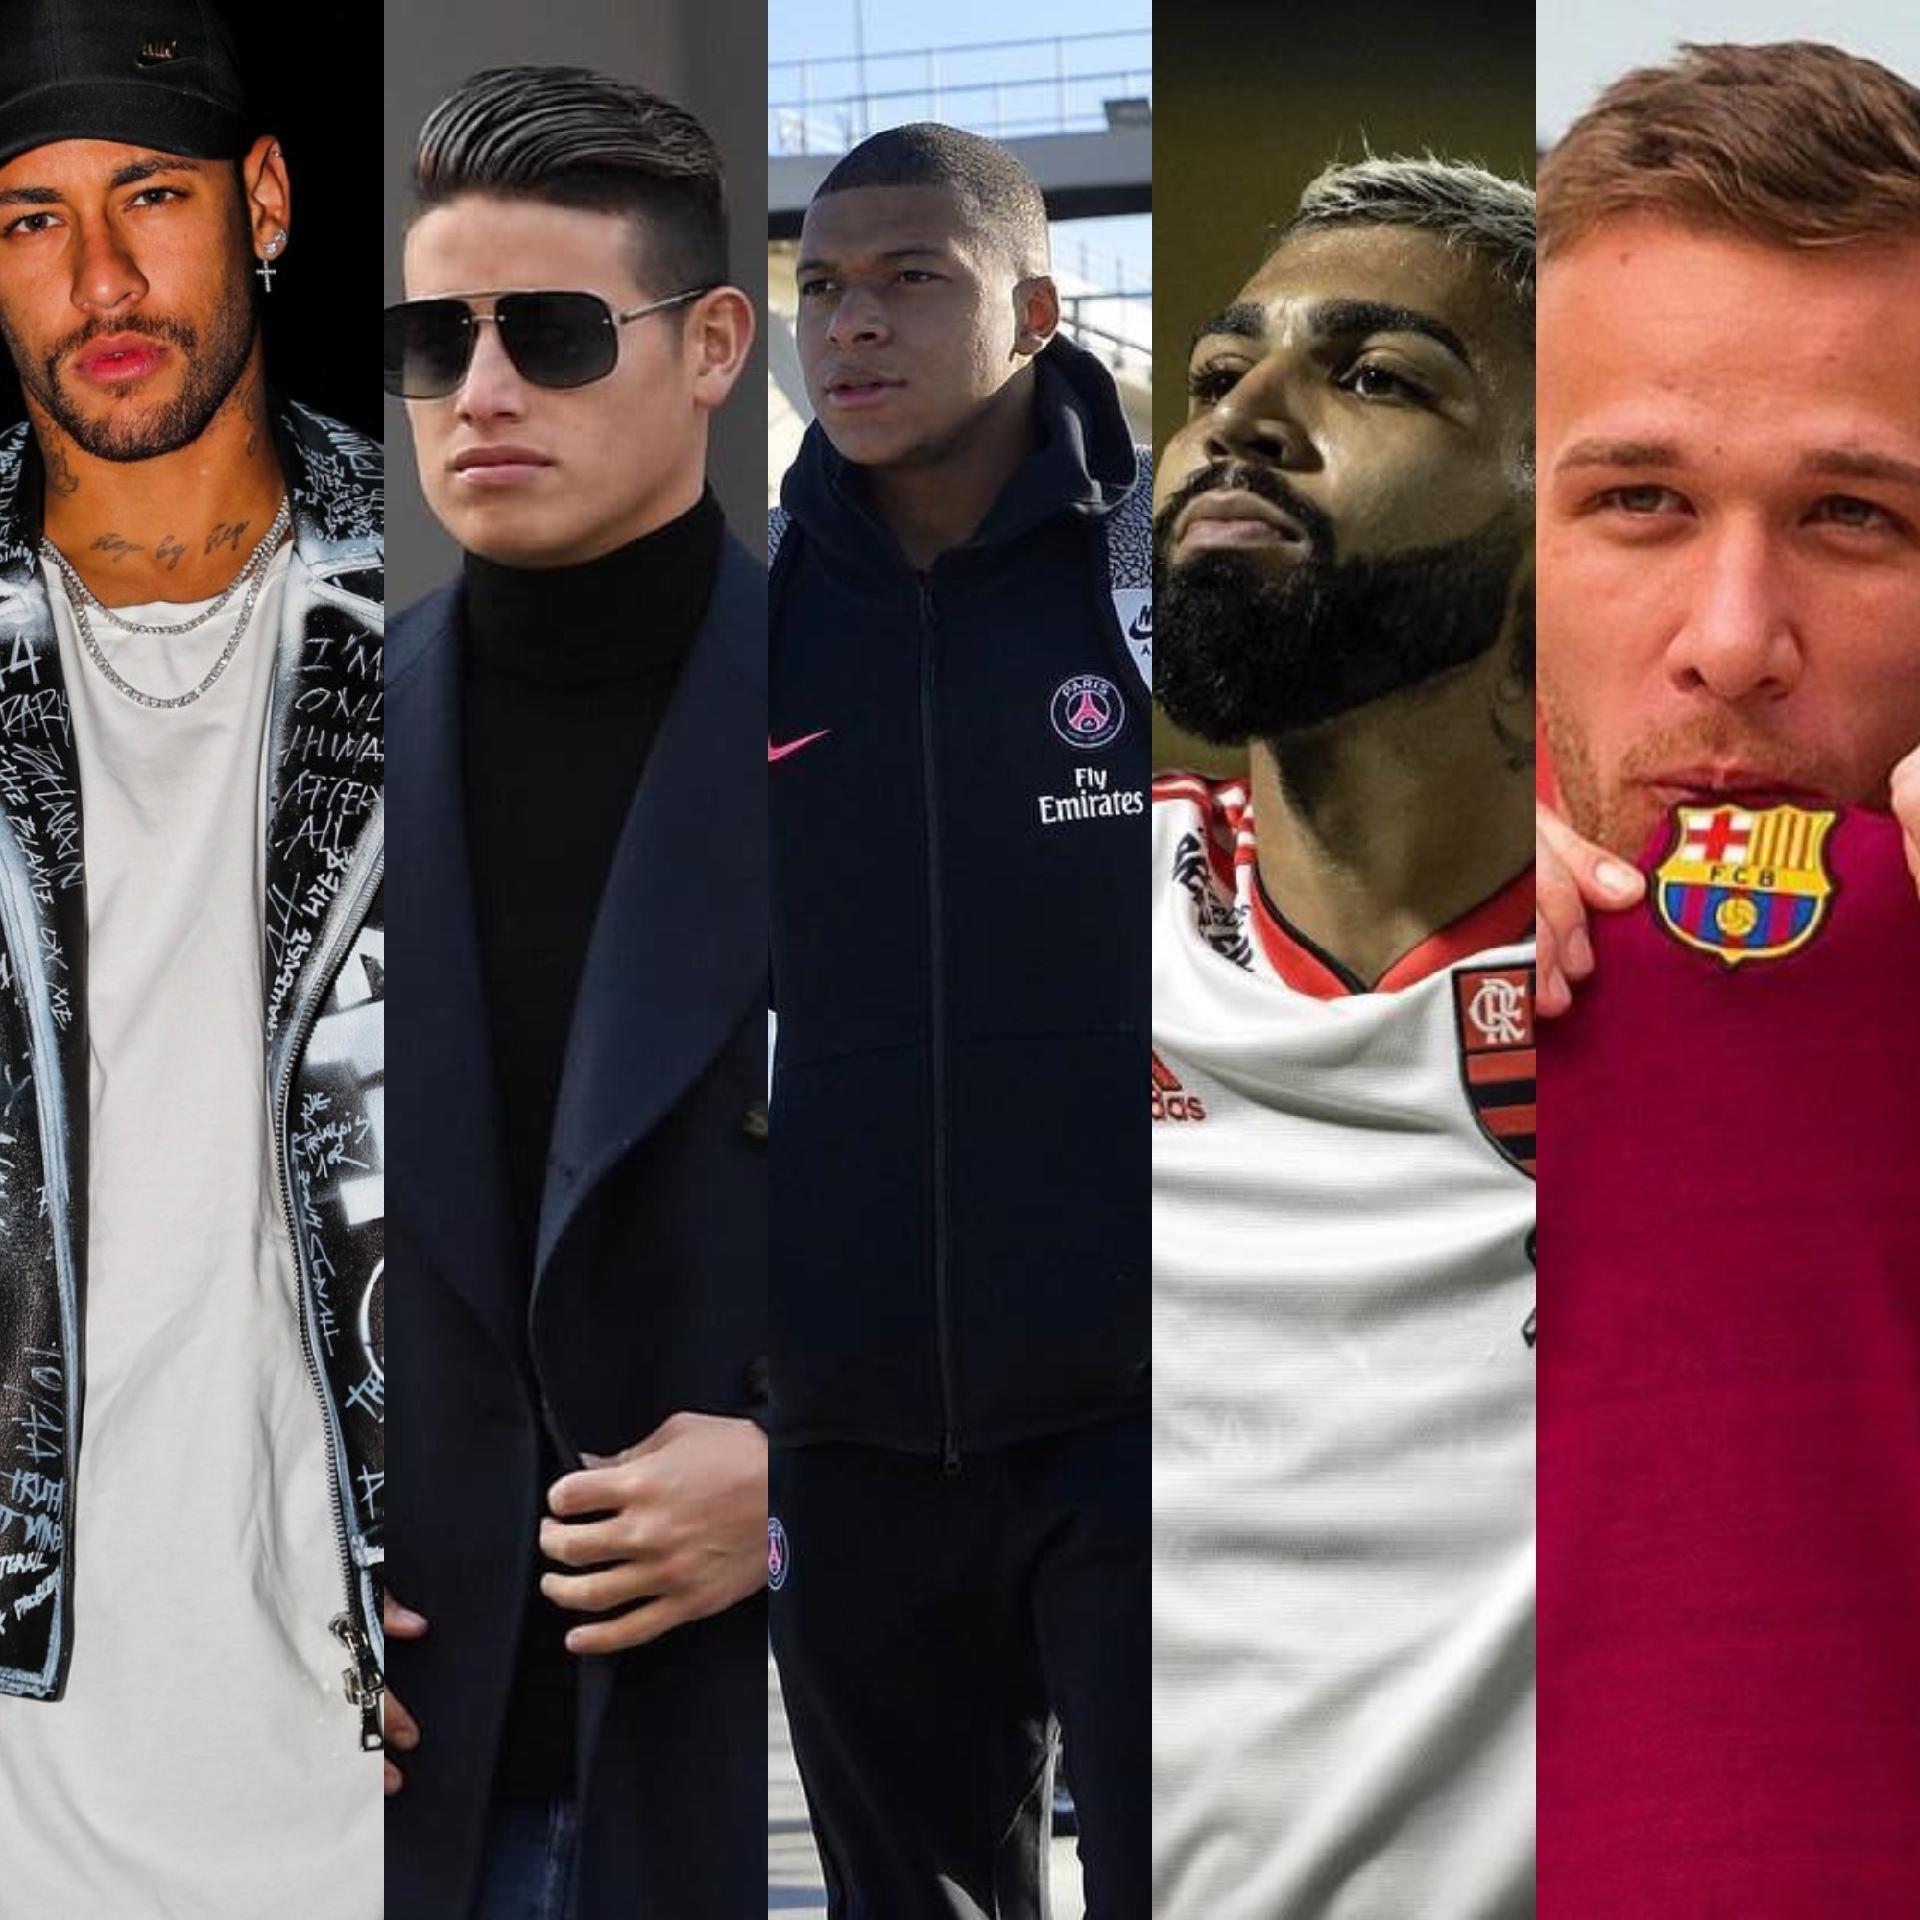 8029eb0d089f5 Quem são os 10 jogadores mais cobiçados do futebol nacional e internacional  - Entretenimento - BOL